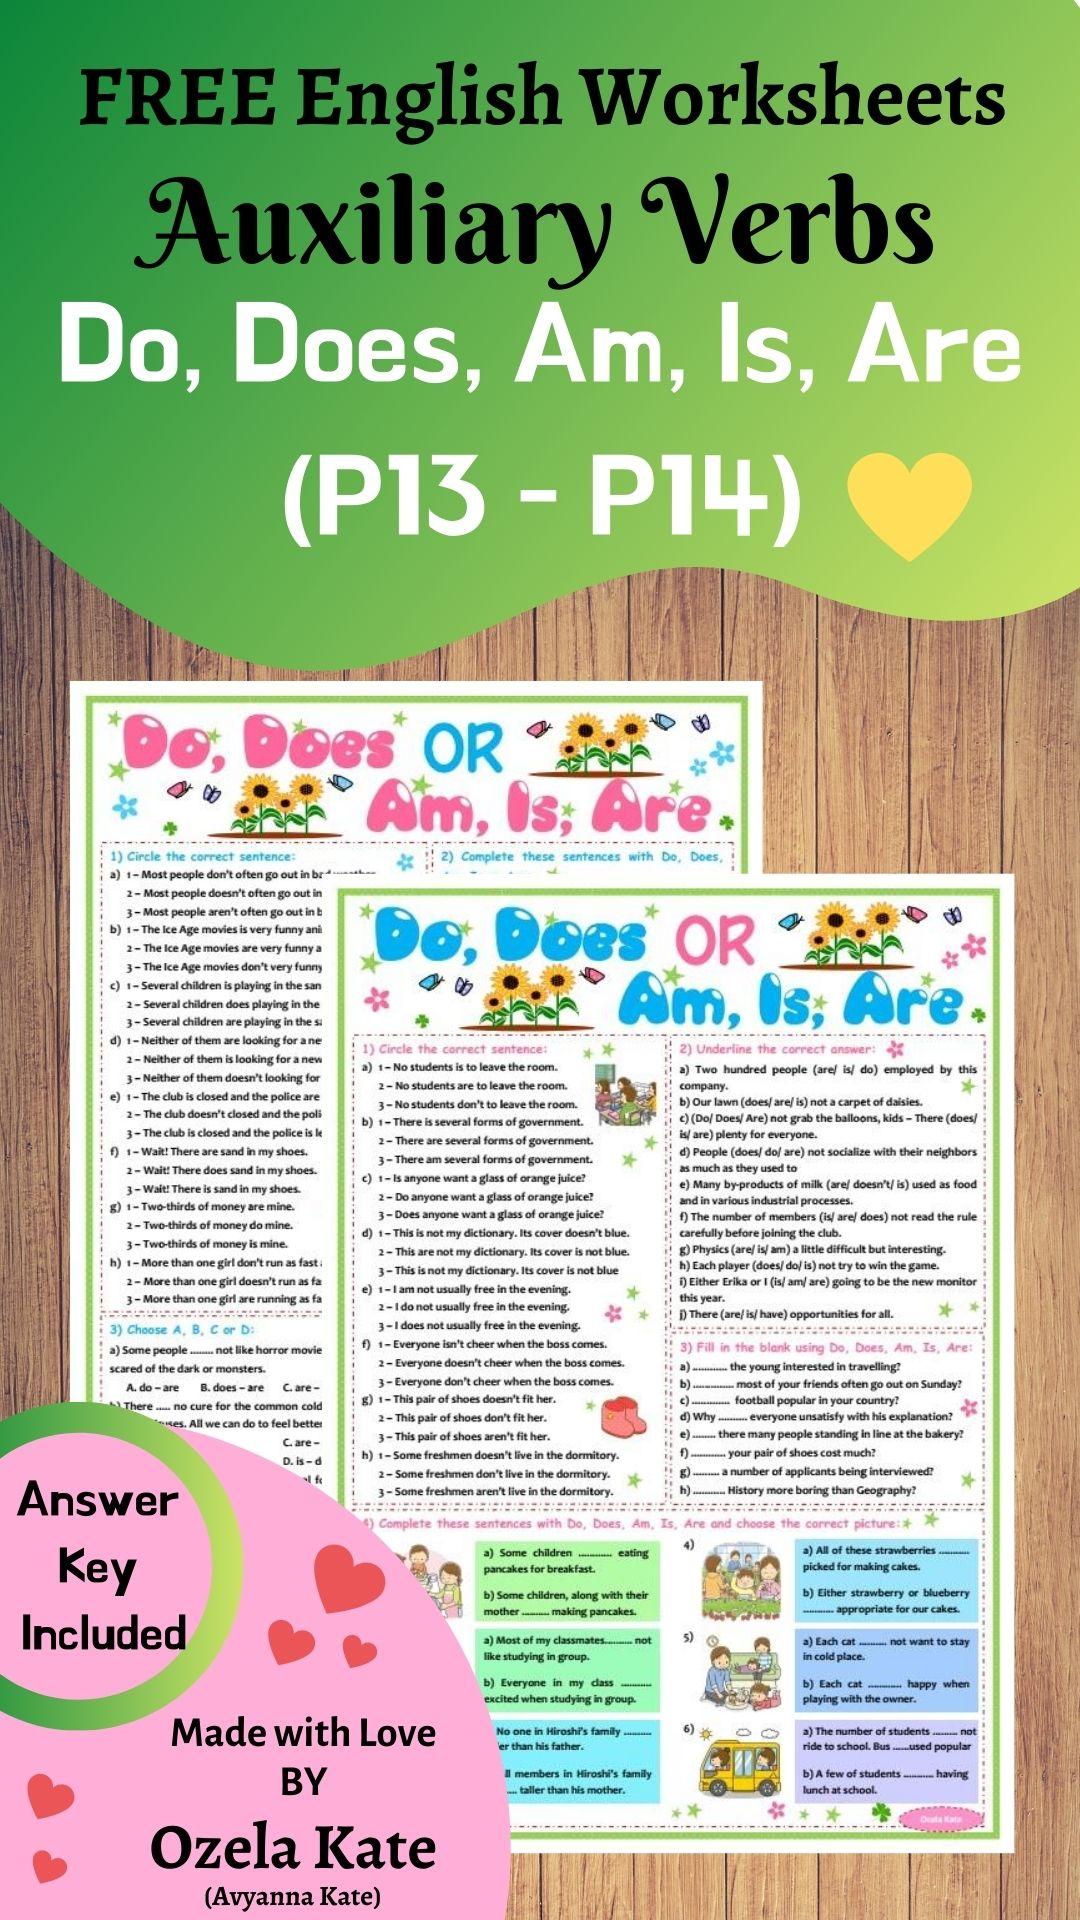 Ozela Kate Worksheet For Children And Beginner